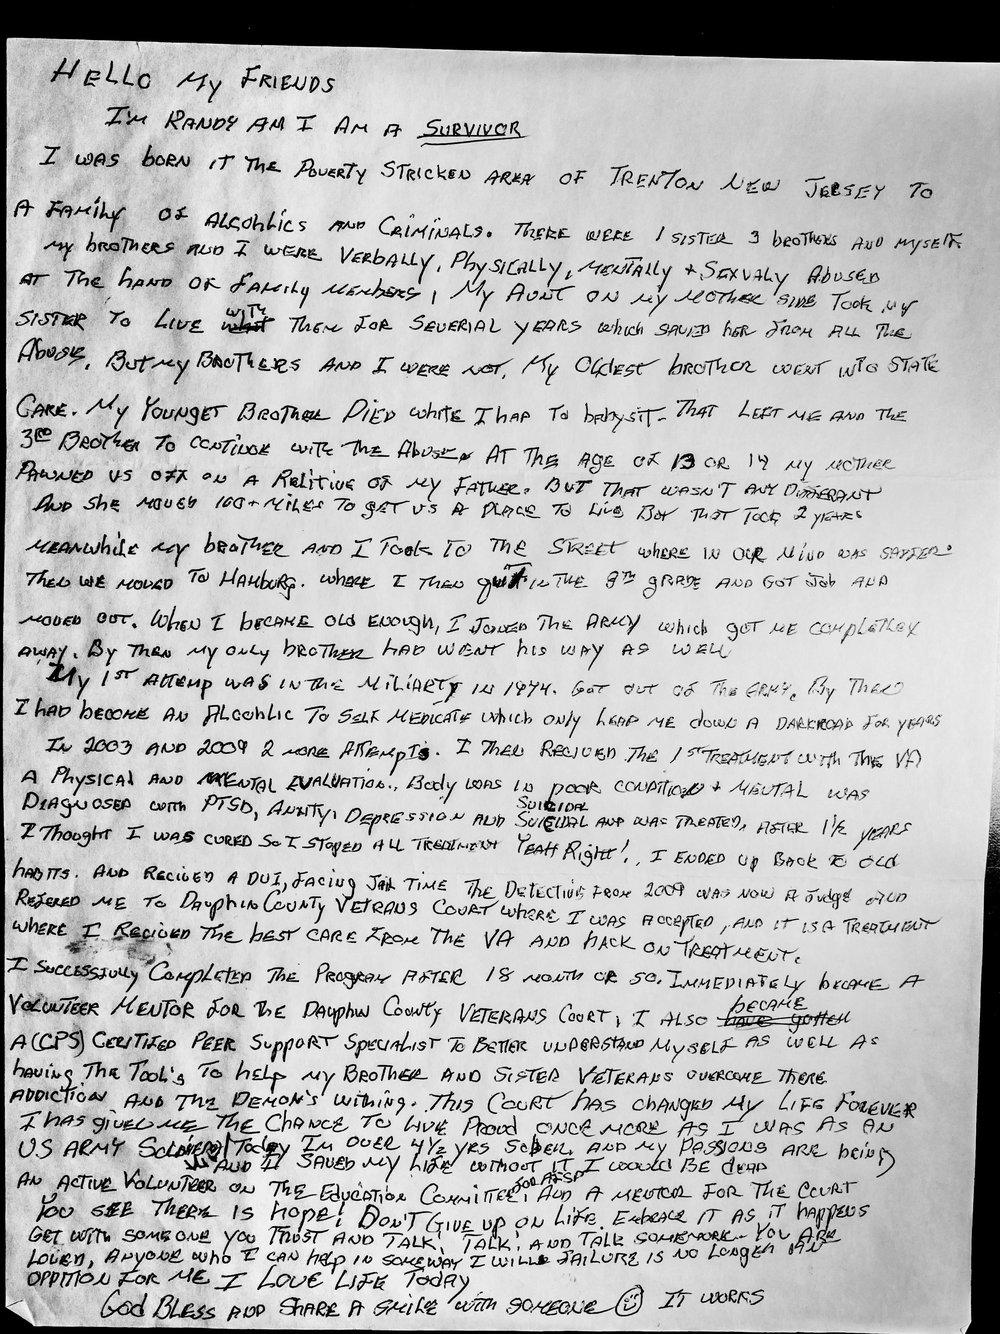 edit letter-4.jpg randy.jpg